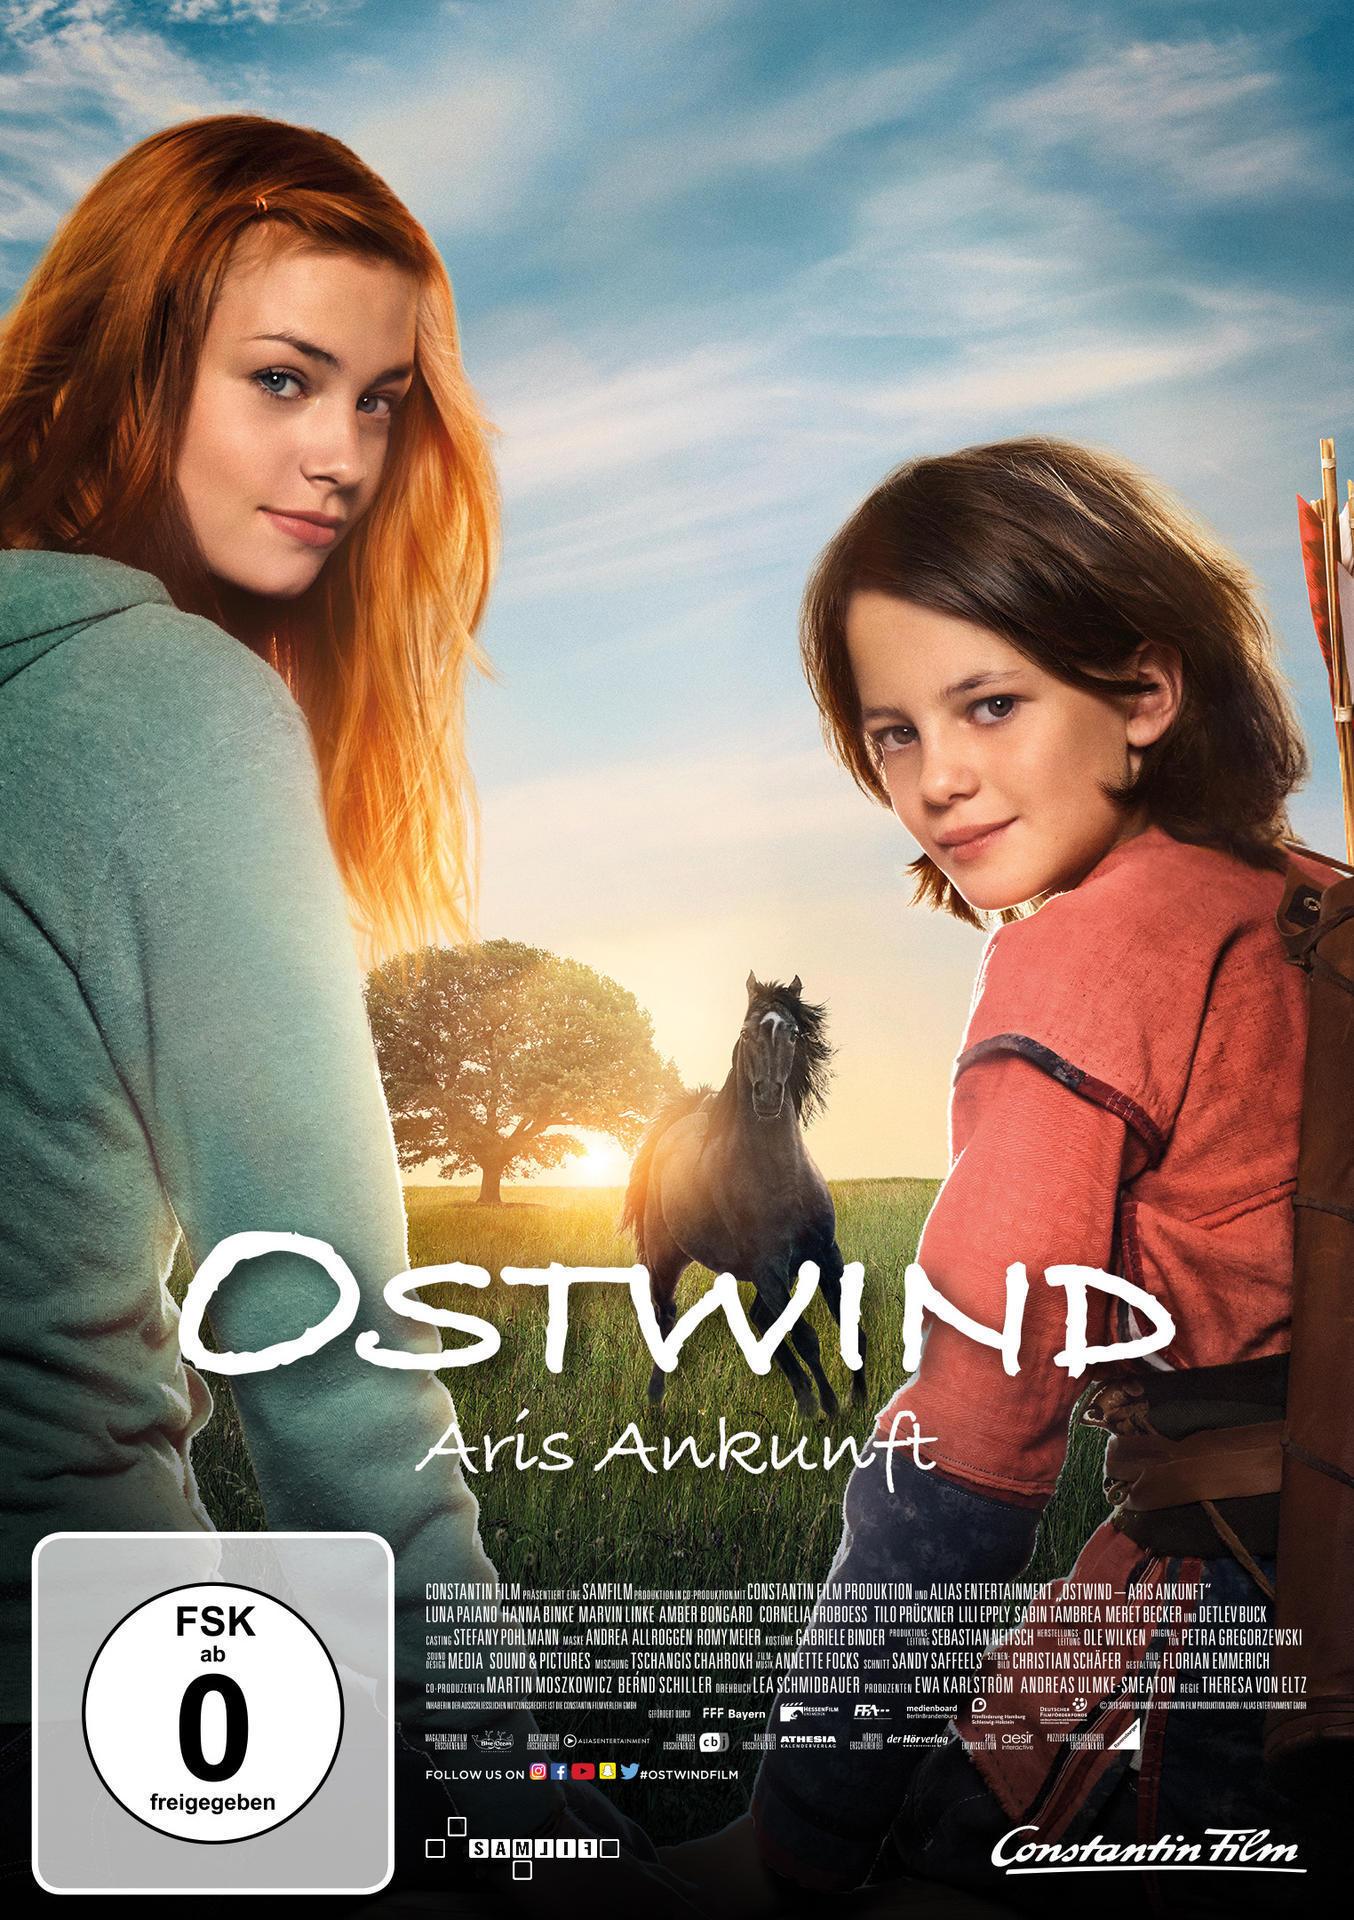 Ostwind - Aris Ankunft (DVD) für 14,99 Euro